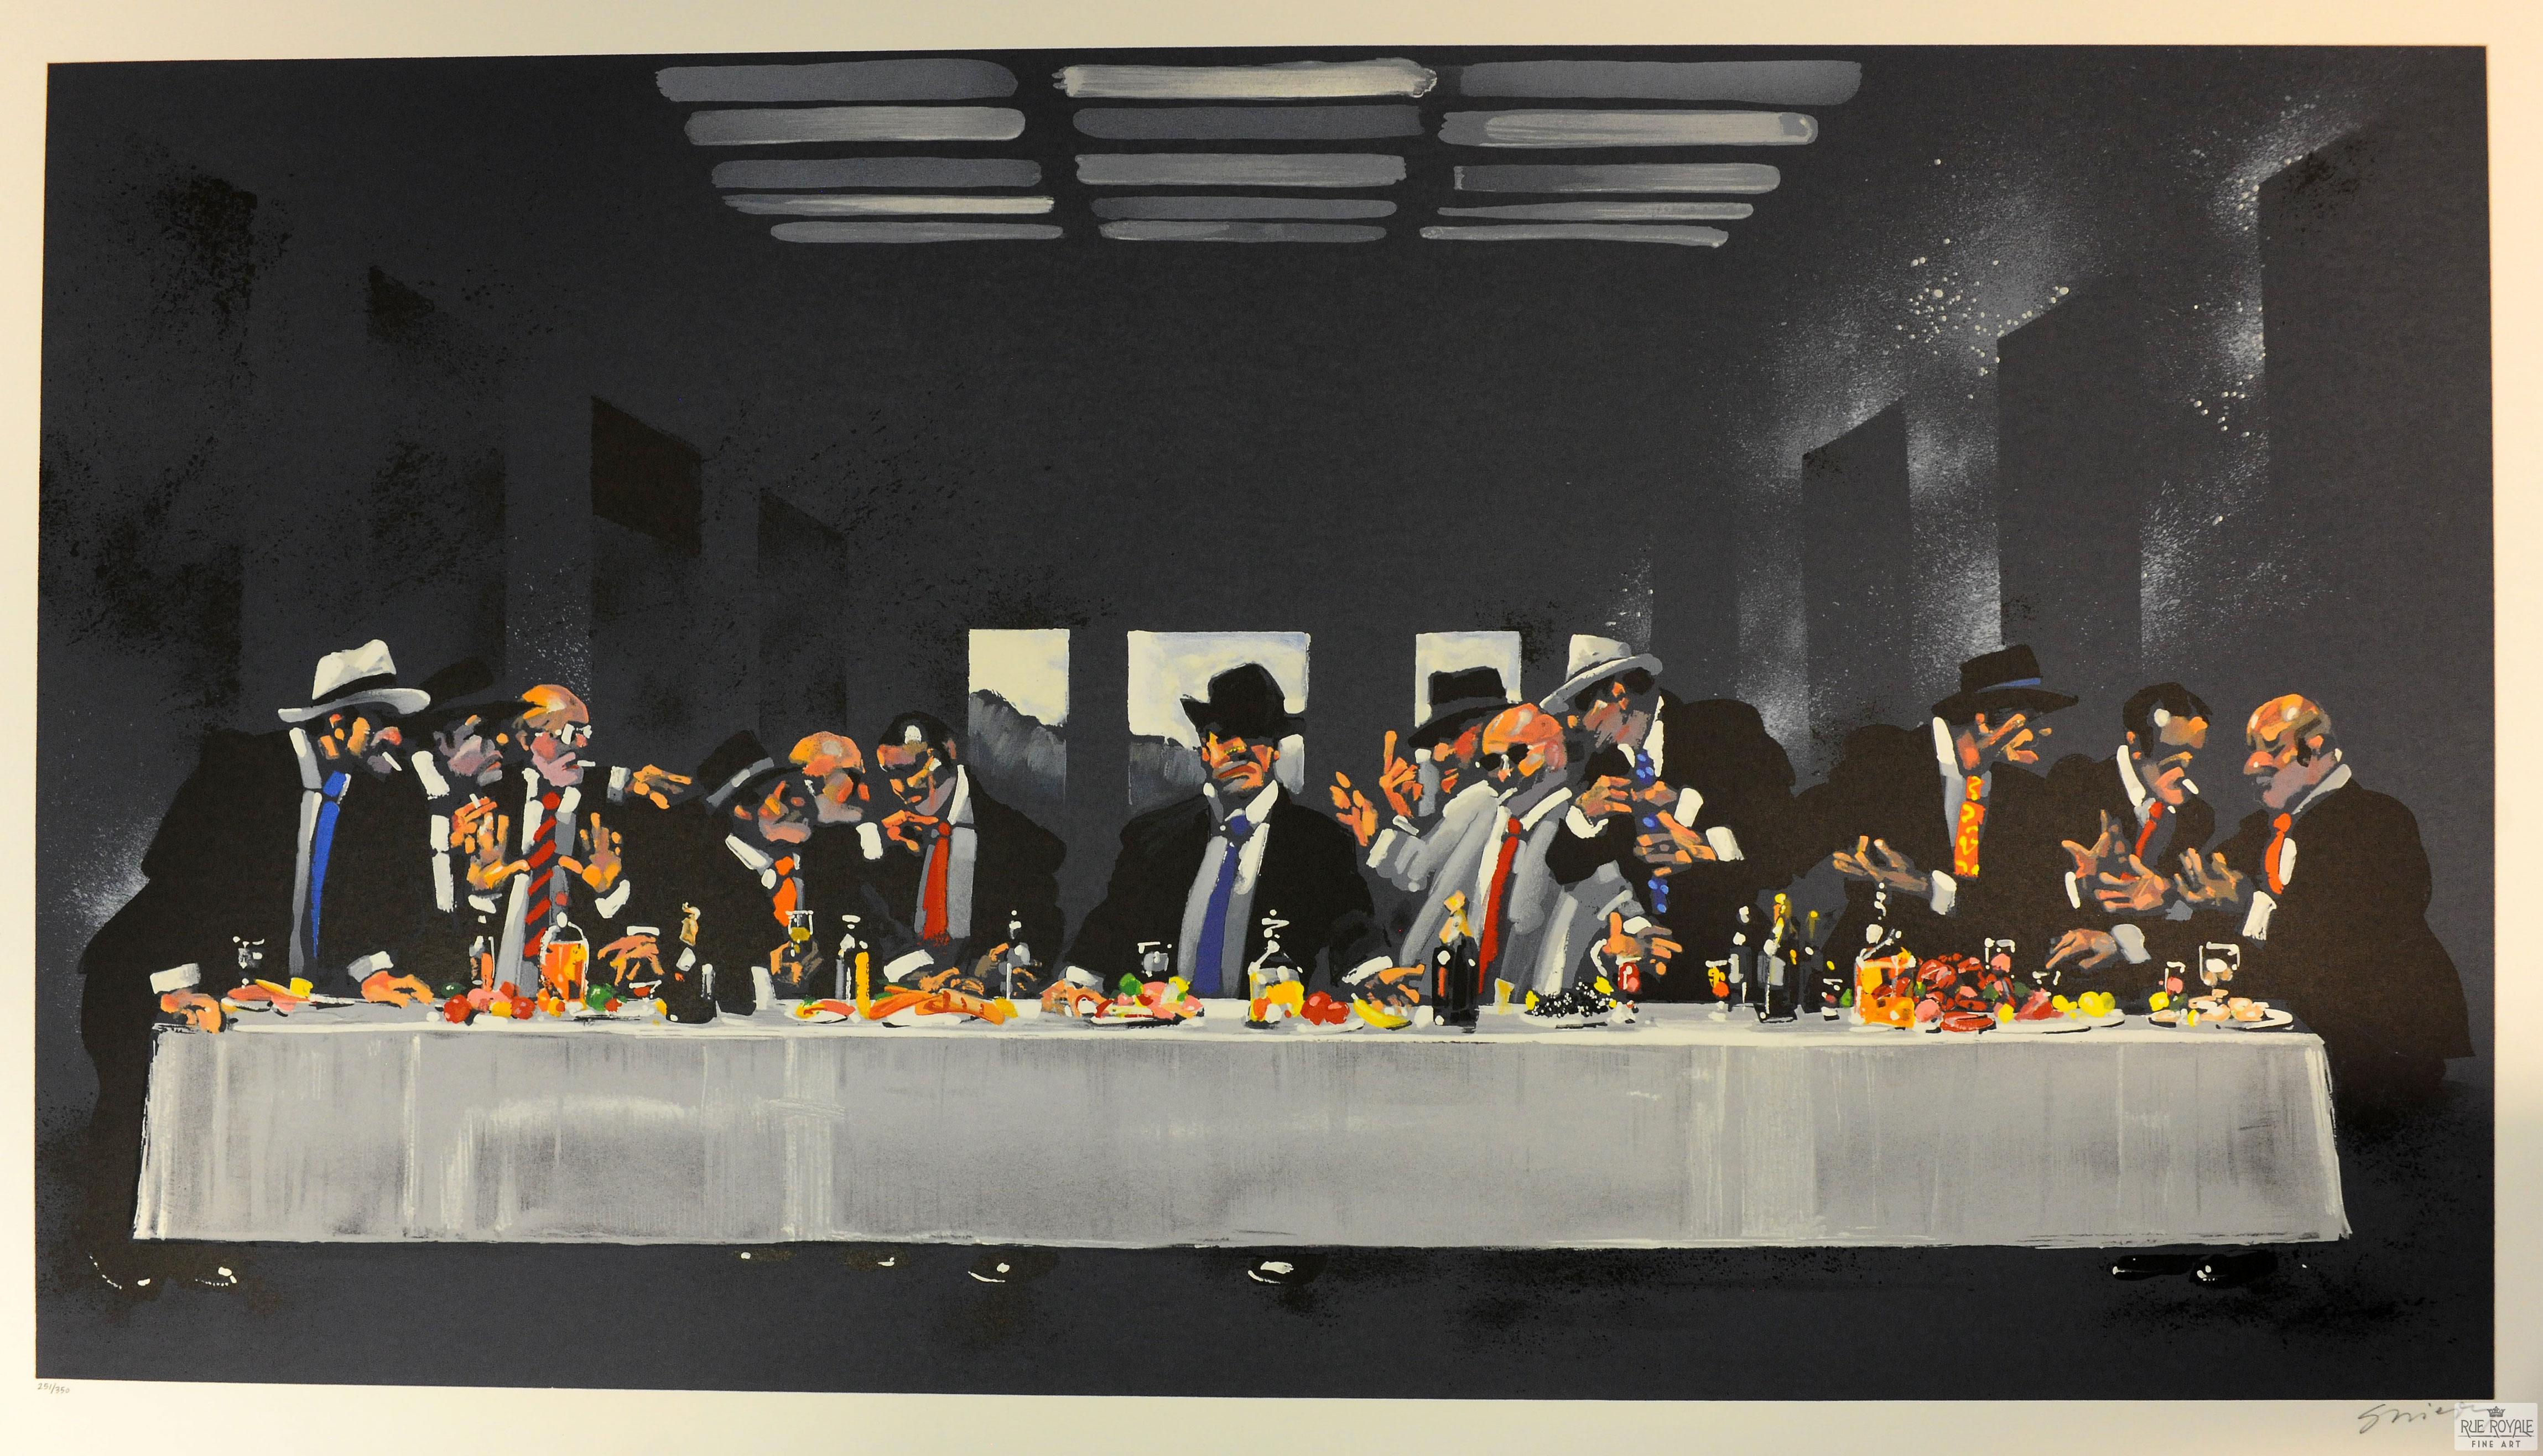 Waldemar Swierzy Gangster Art Fine Art Lithograph The last supper dinner